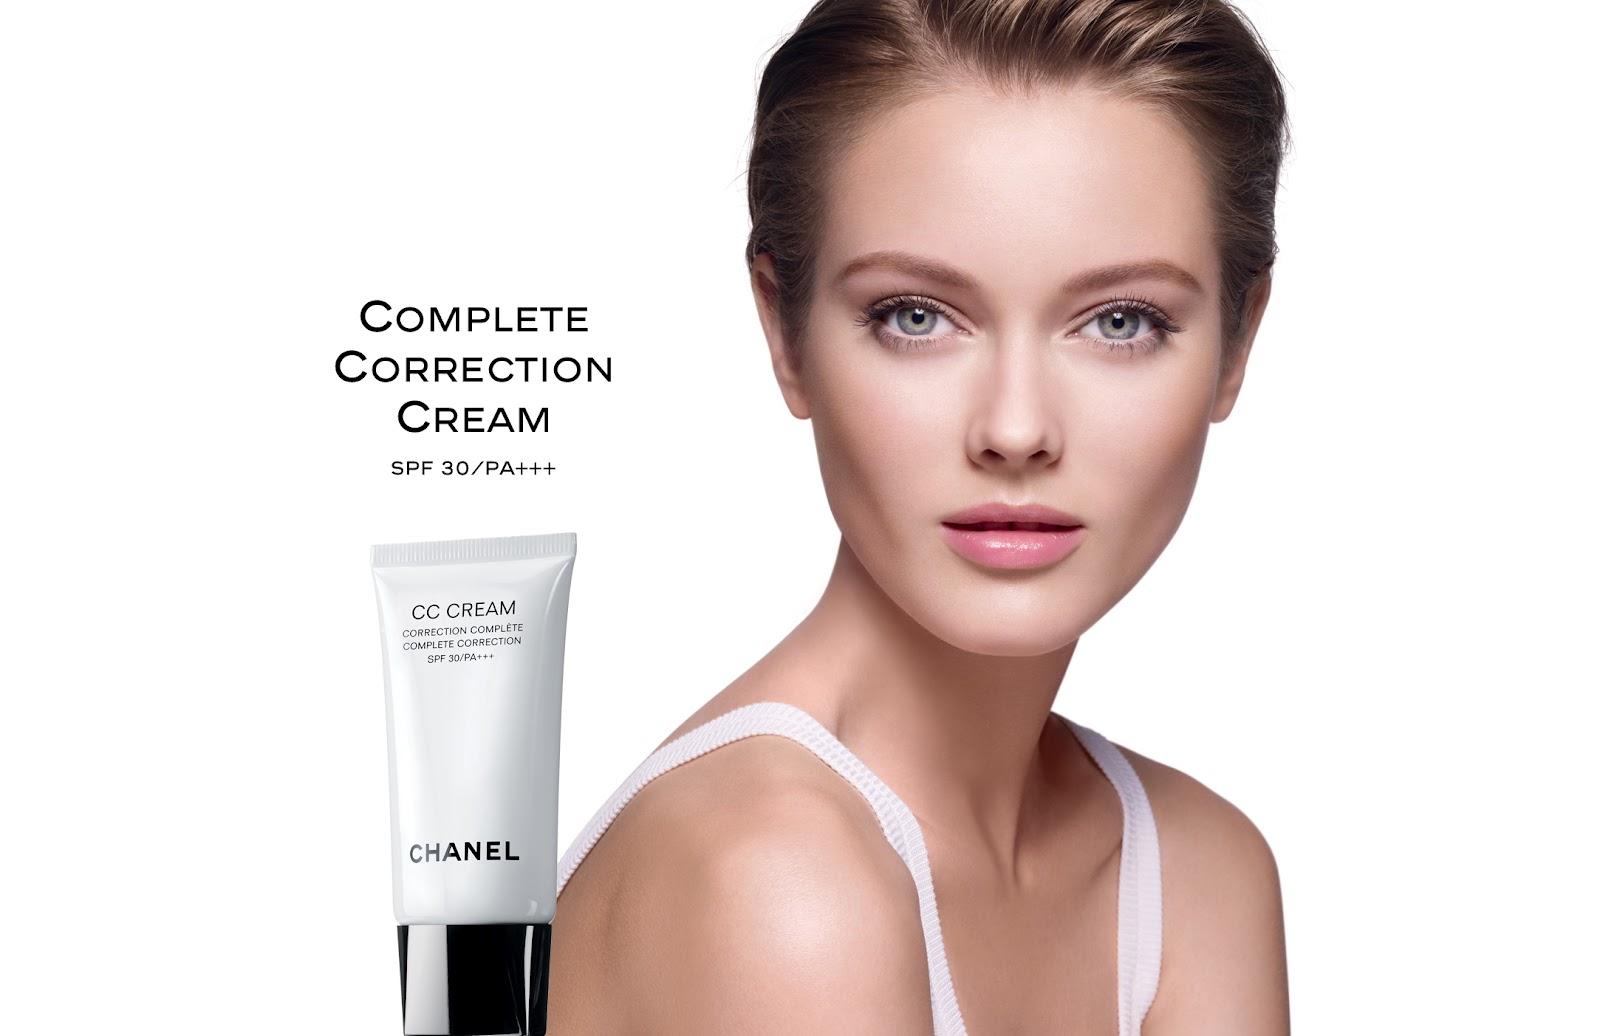 chanel cc cream Are CC Creams the New BB Cream?